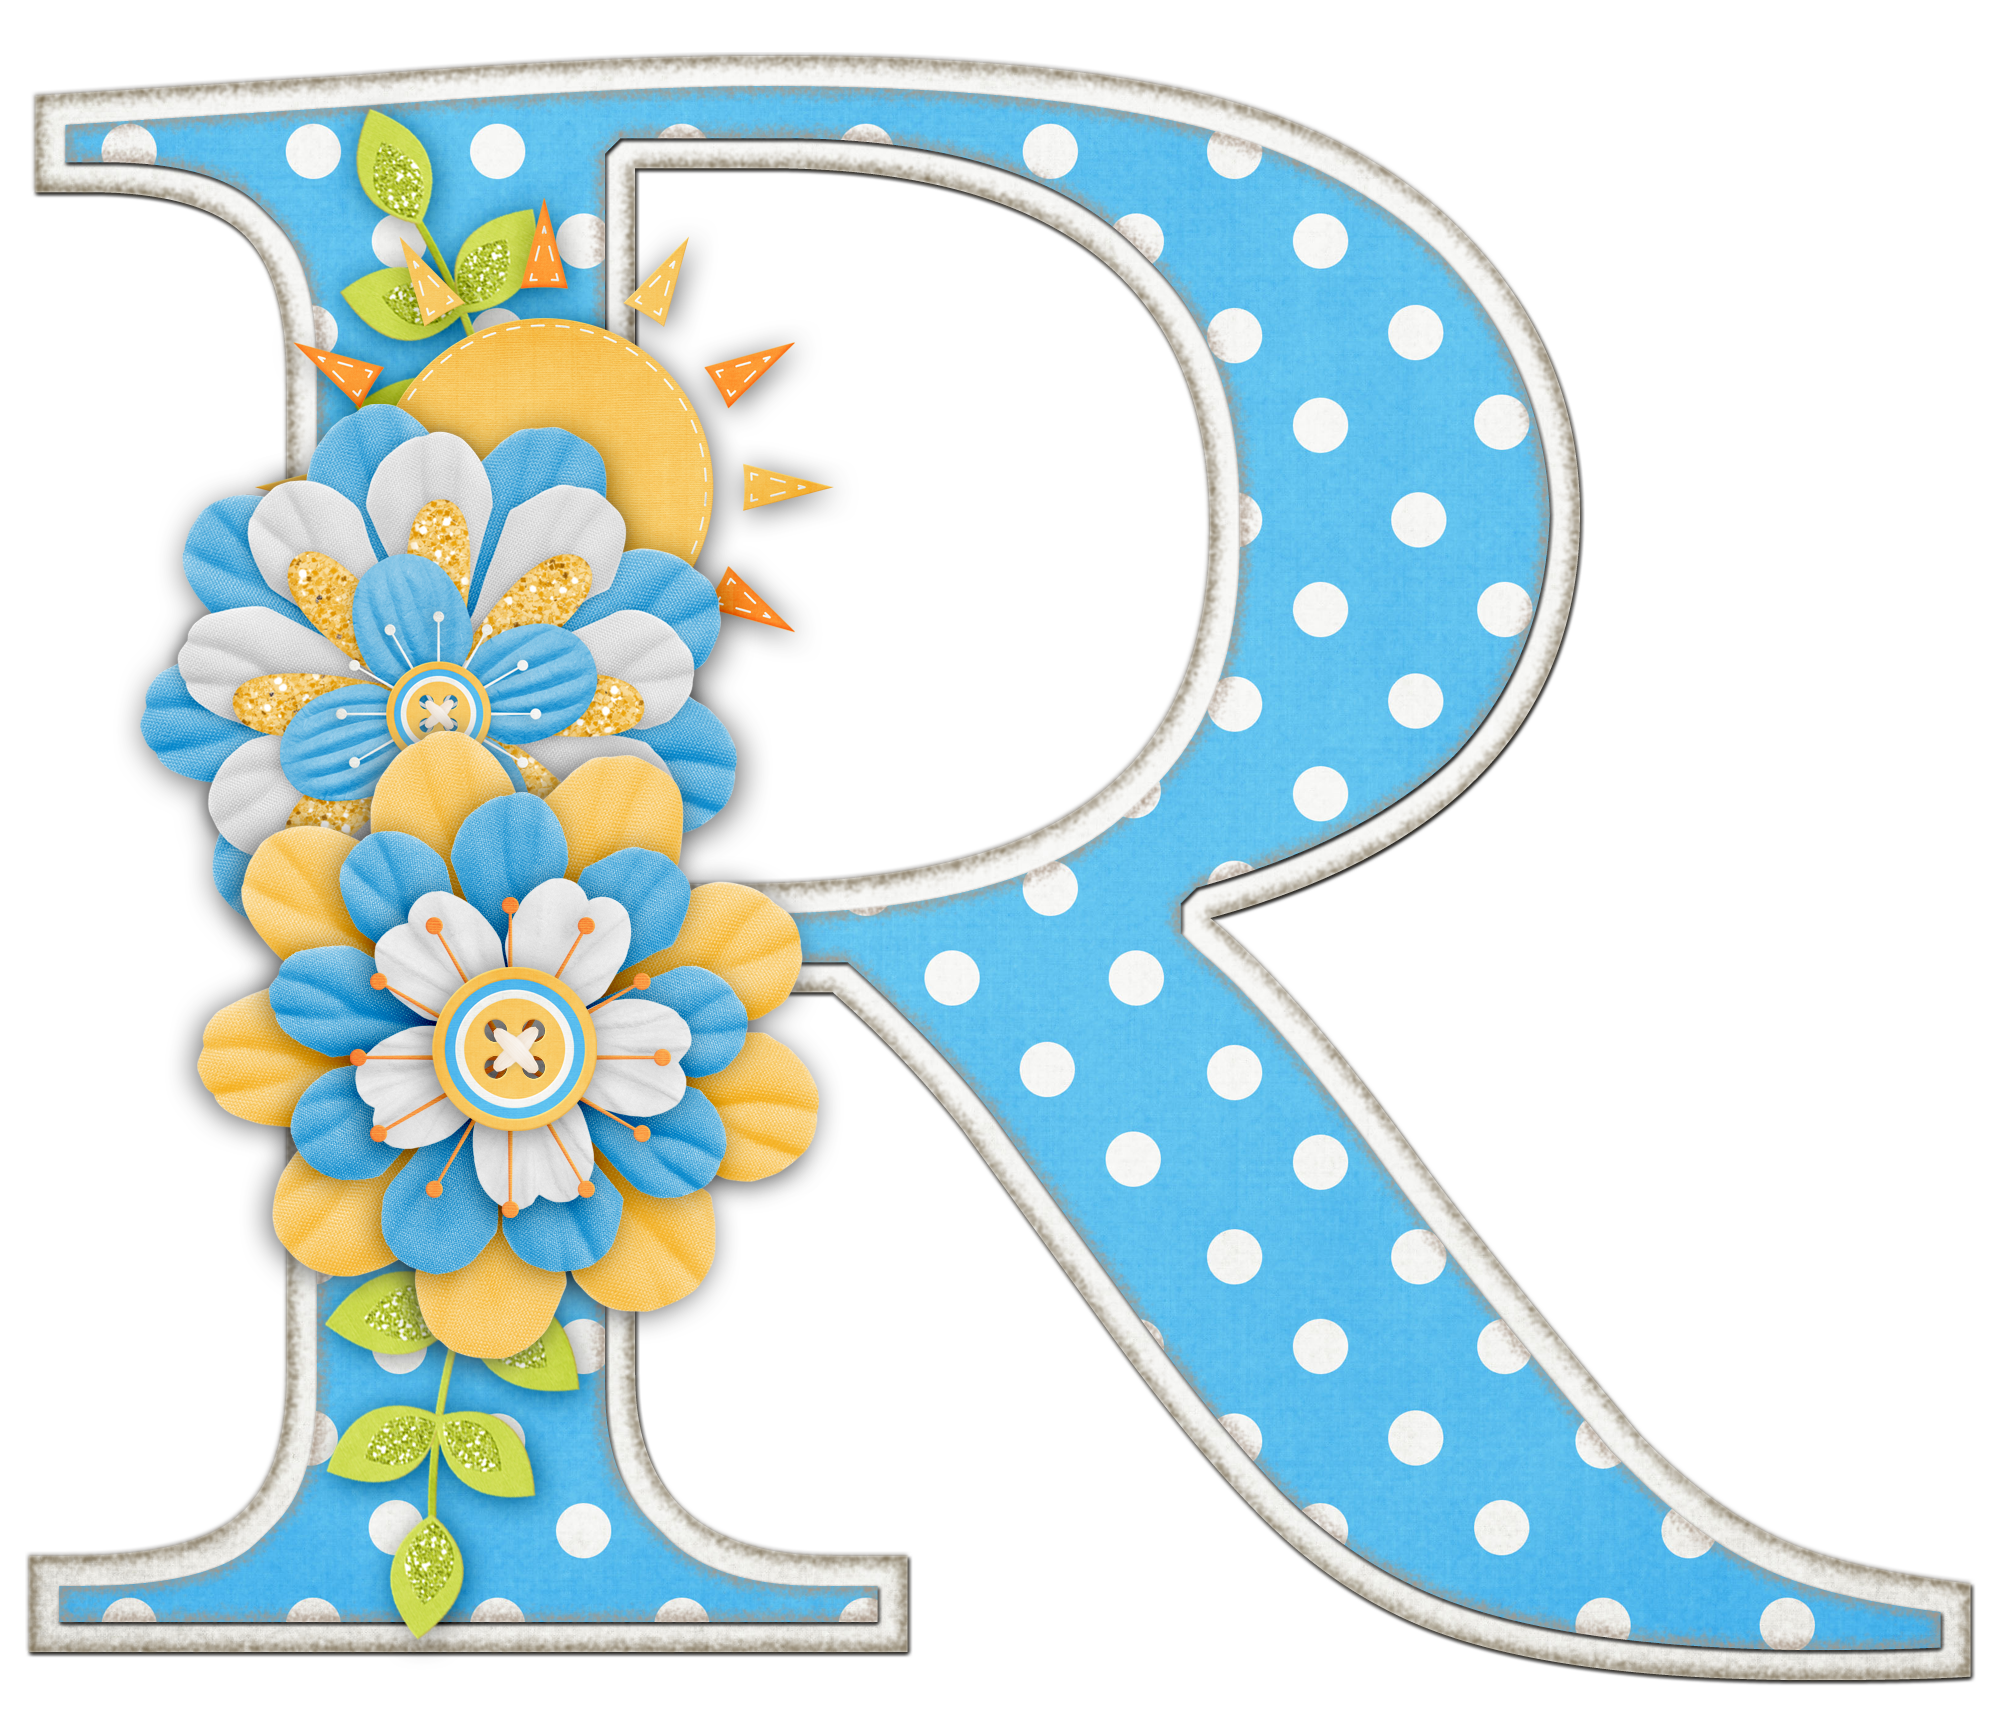 Alfabeto colores y flores. R clipart initial